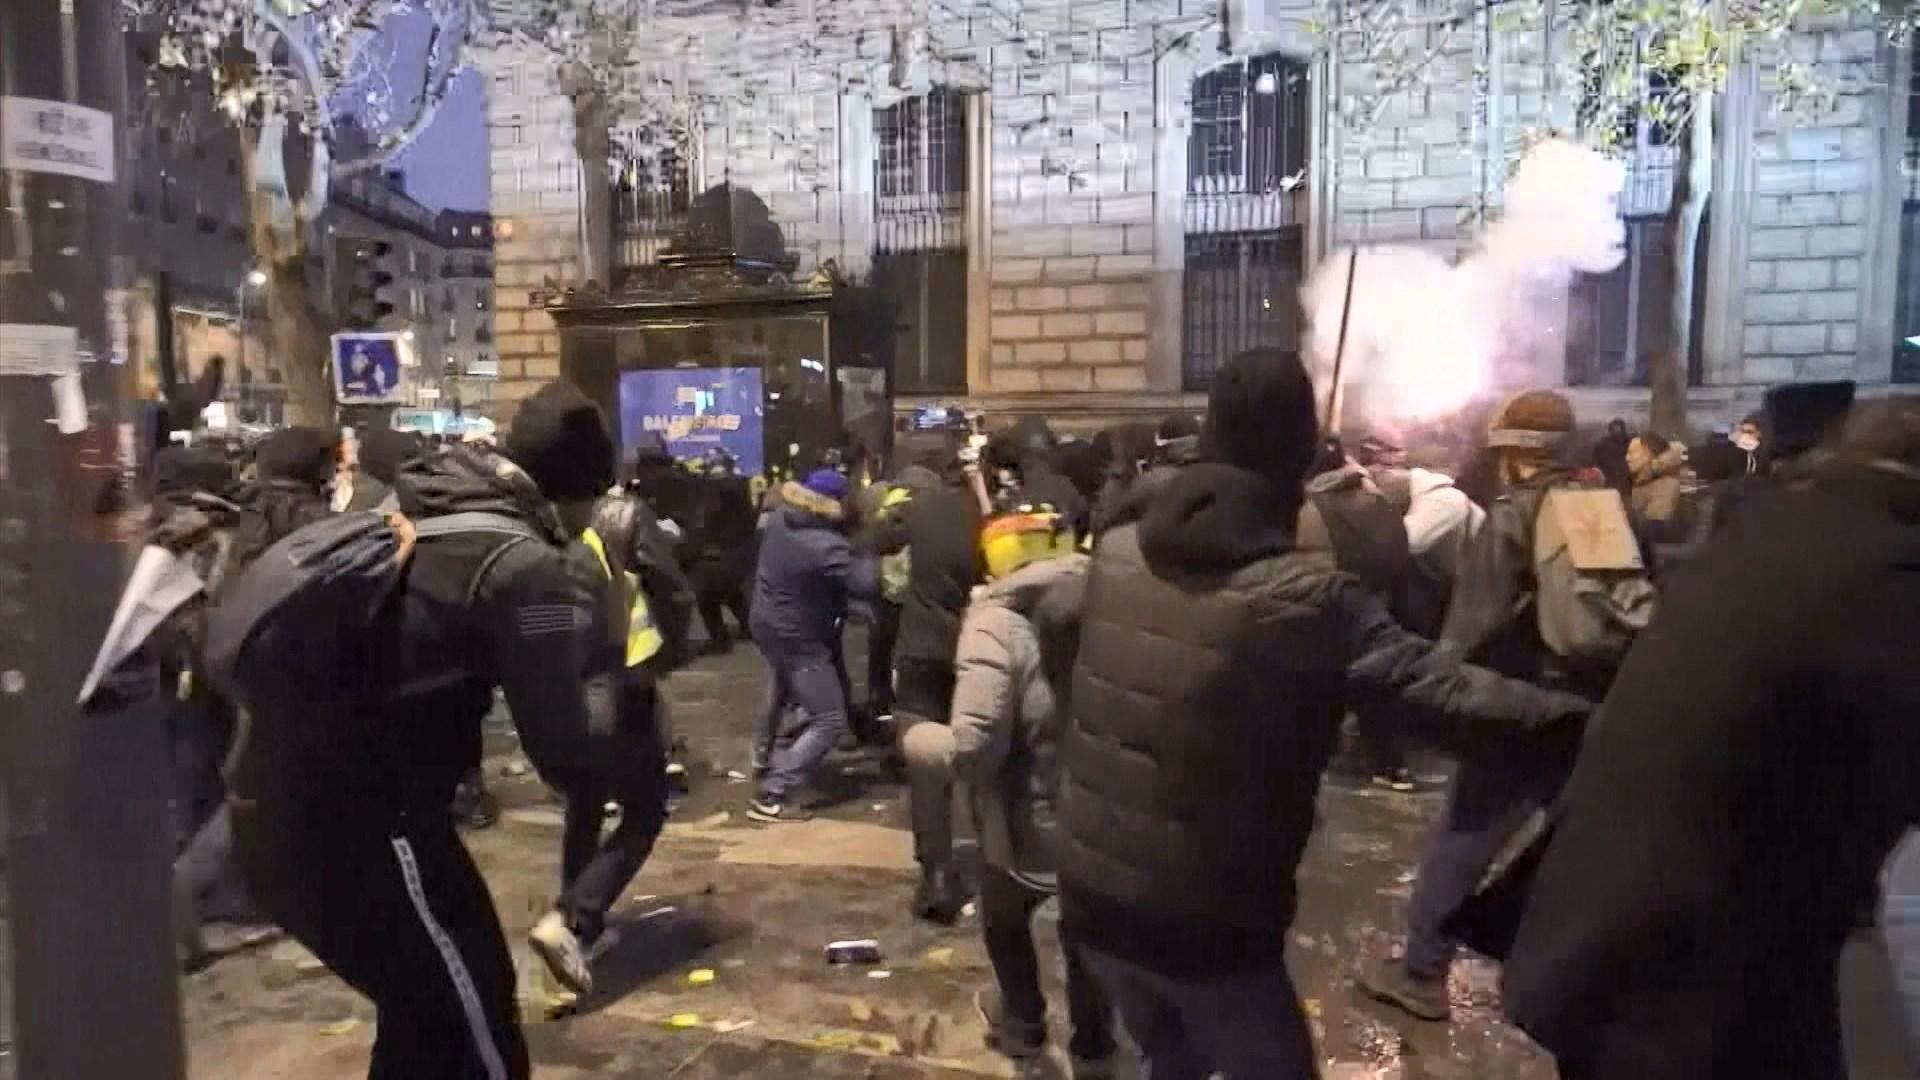 法國全國大罷工多處爆發激烈衝突 多人被捕